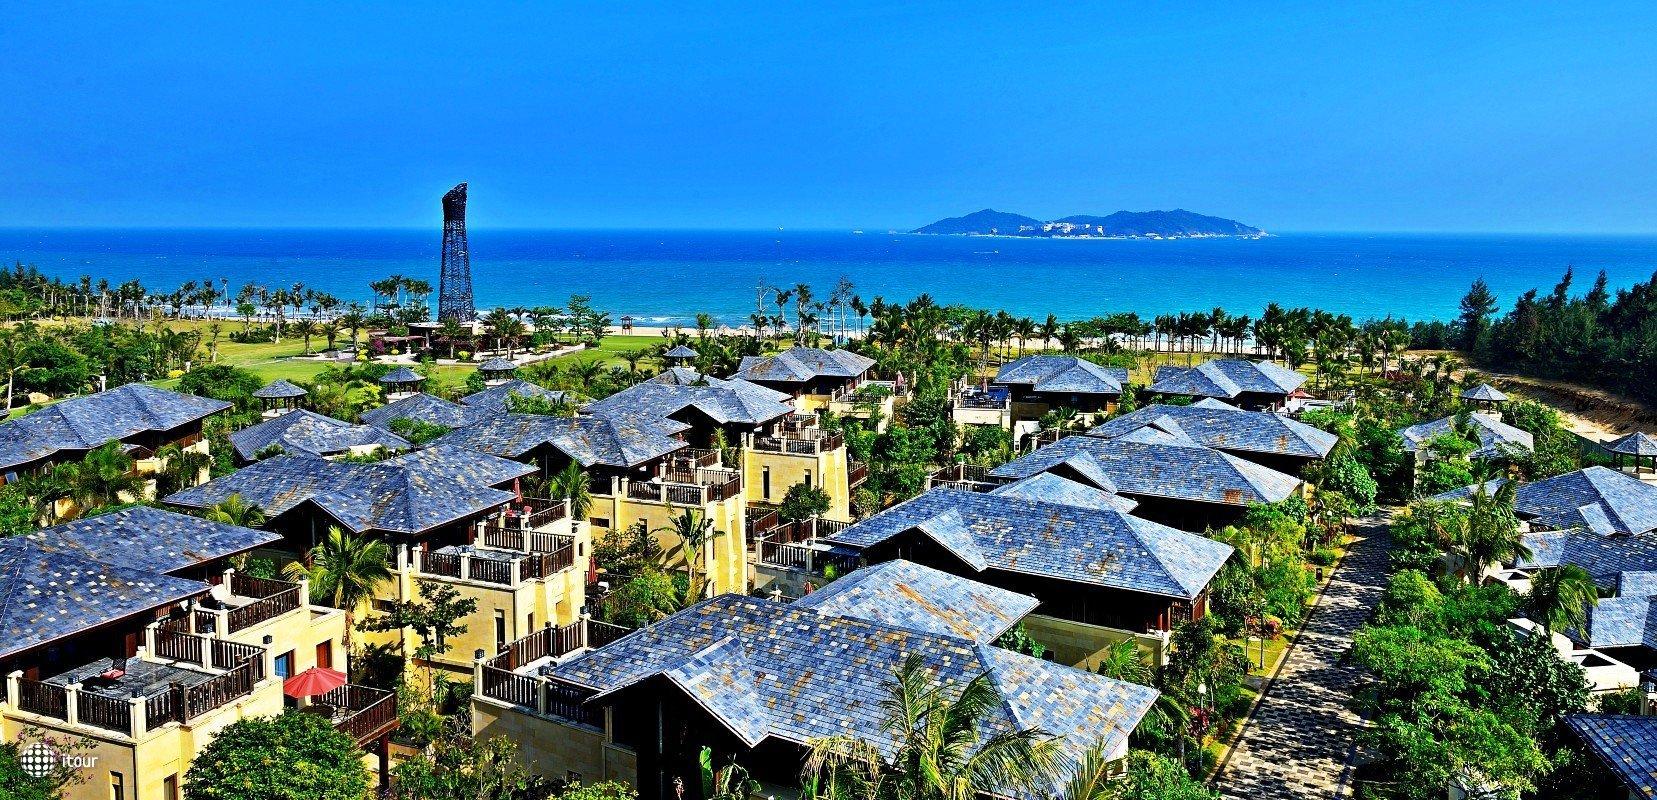 Kempinski Hotel Haitang Bay Sanya 1